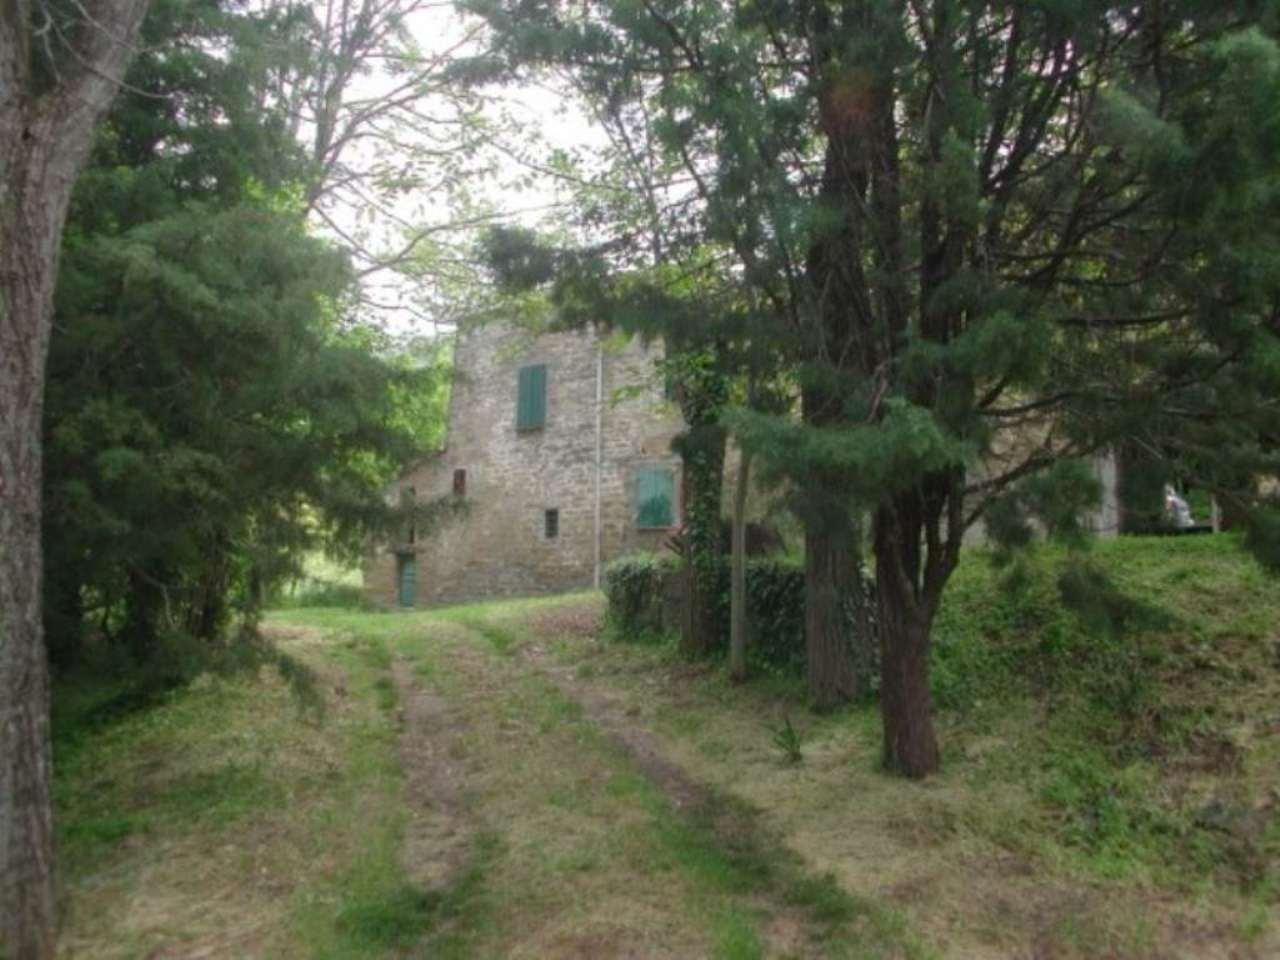 Rustico / Casale in vendita a Brisighella, 6 locali, prezzo € 160.000   Cambio Casa.it